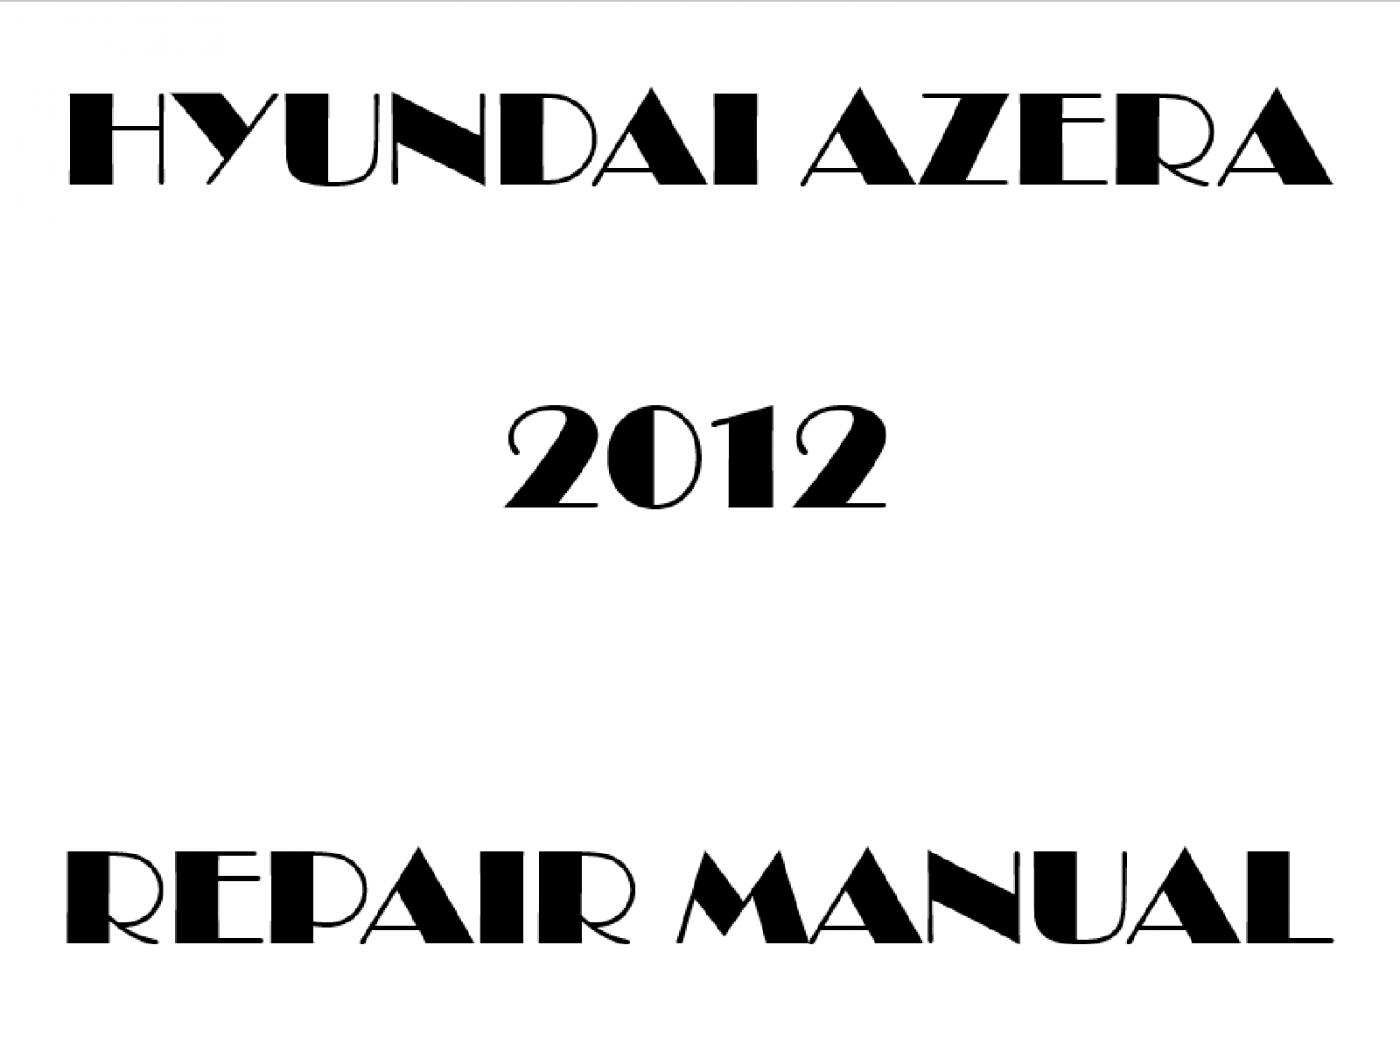 2012 Hyundai Azera repair manual